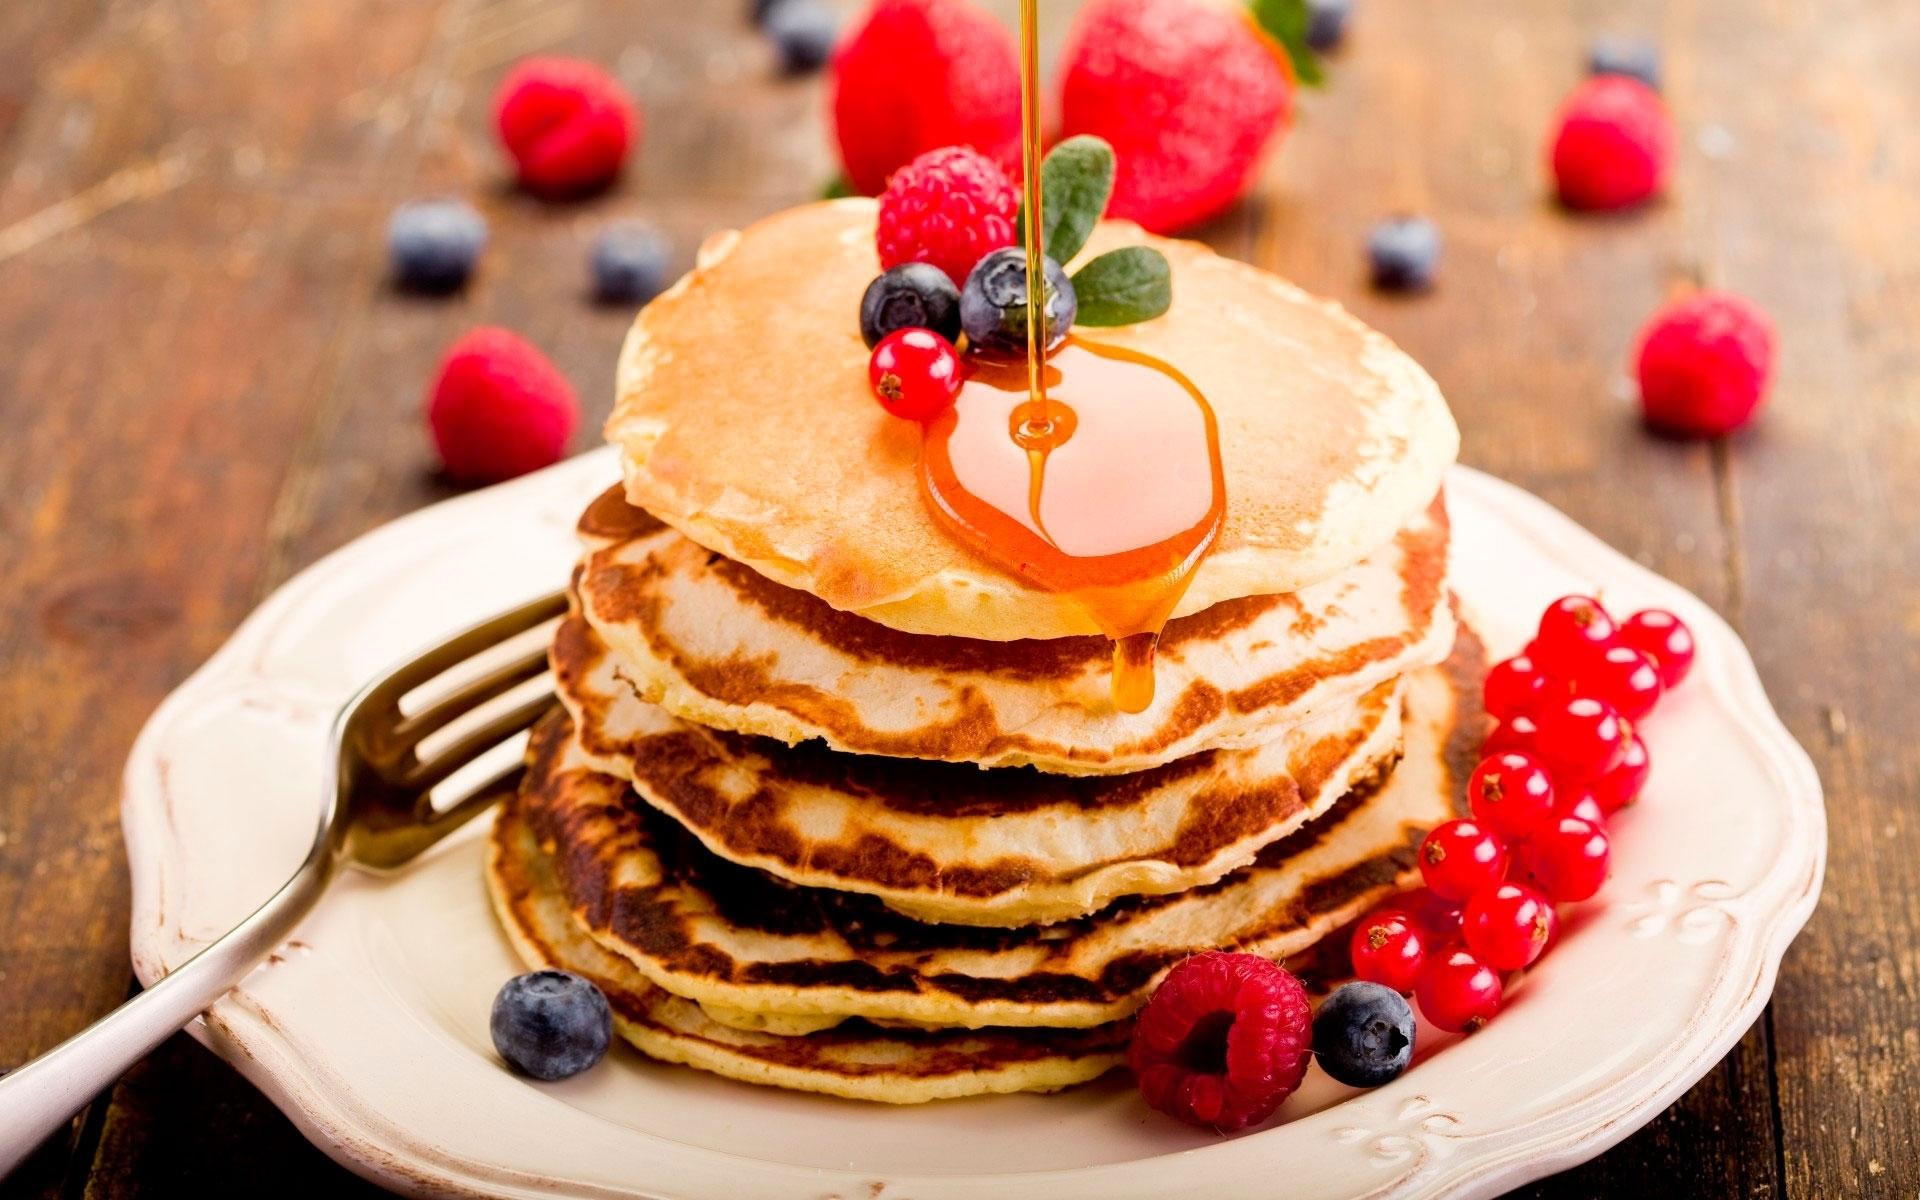 картинки с едой красивые